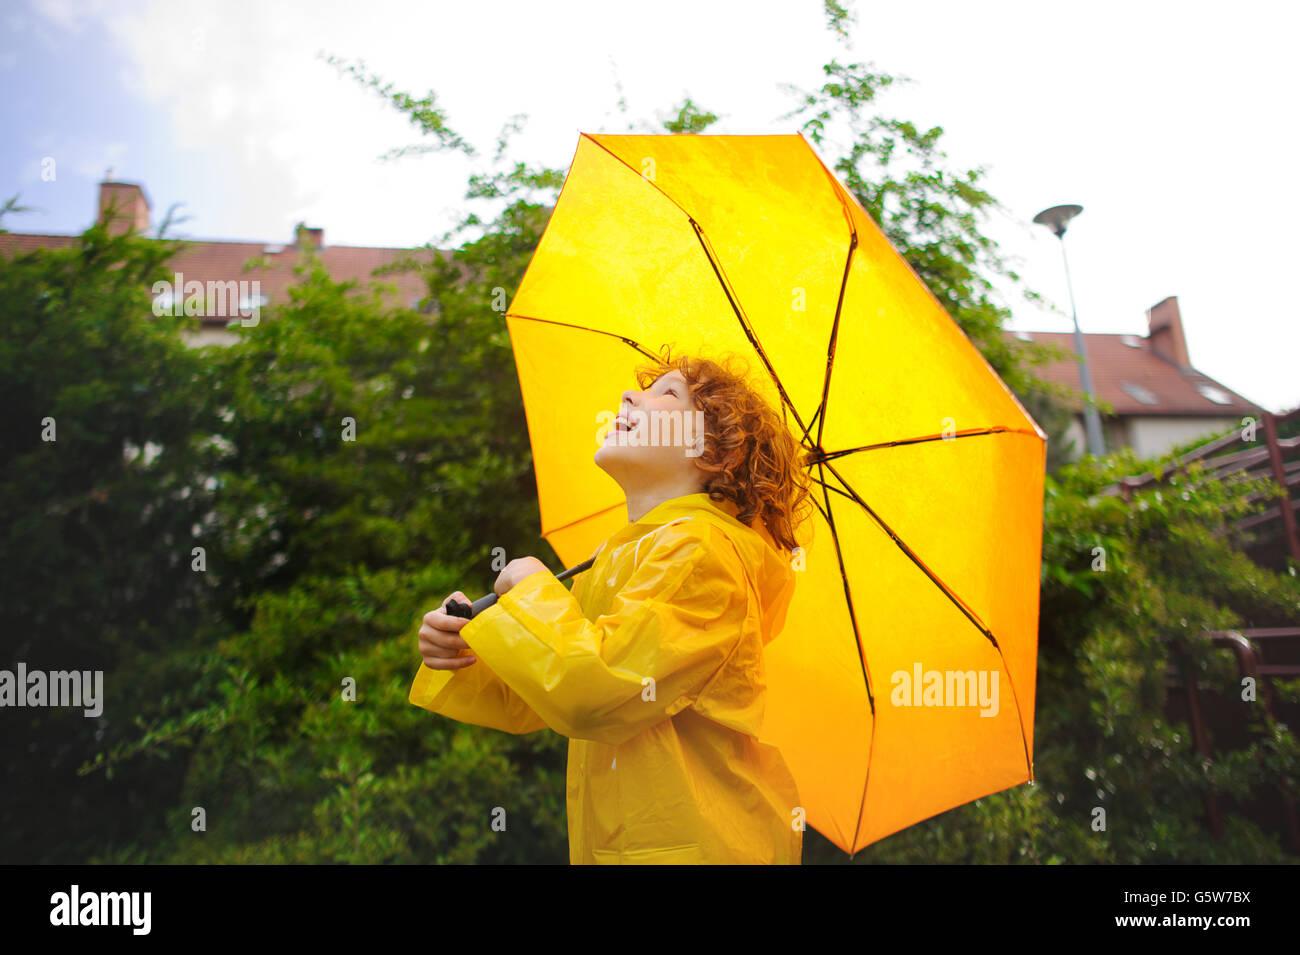 Niño alegre pararse bajo un paraguas amarillo en el patio de la casa. El  chico en un impermeable amarillo brillante. El niño se ve en